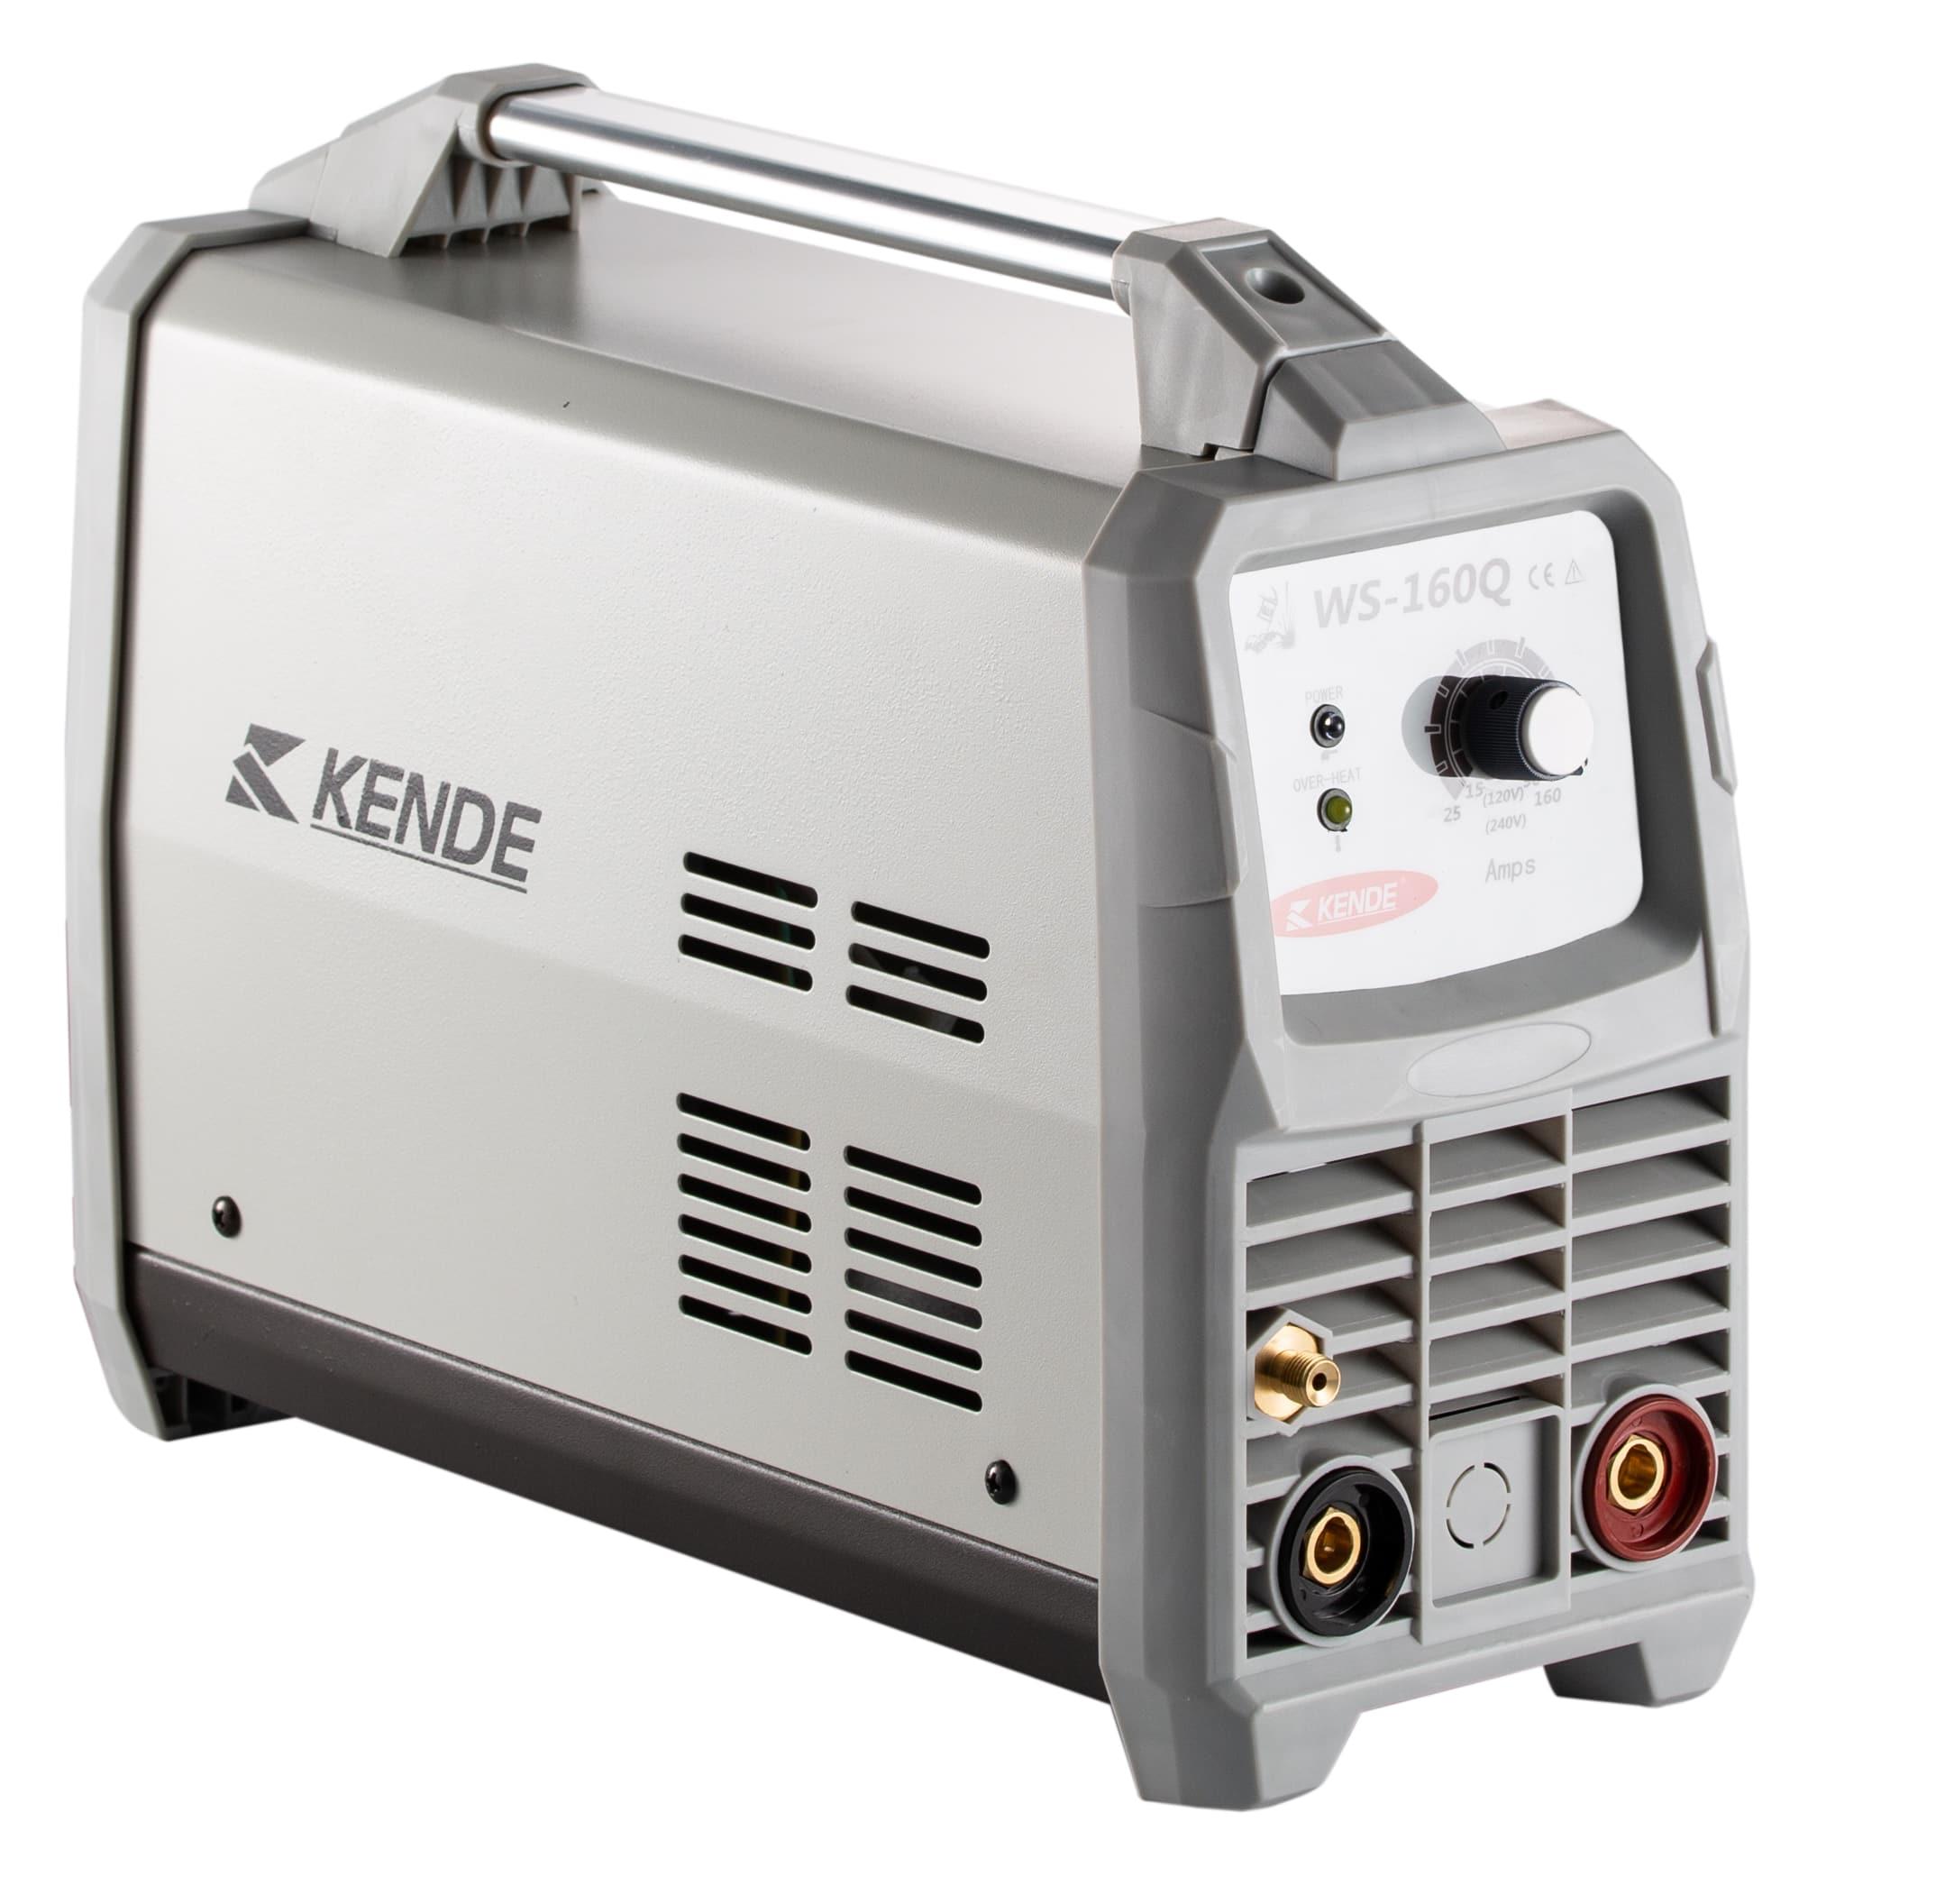 KENDE power efficient WS-160Q IGBT Inverter MIG/MMA/TIG welding machines welder